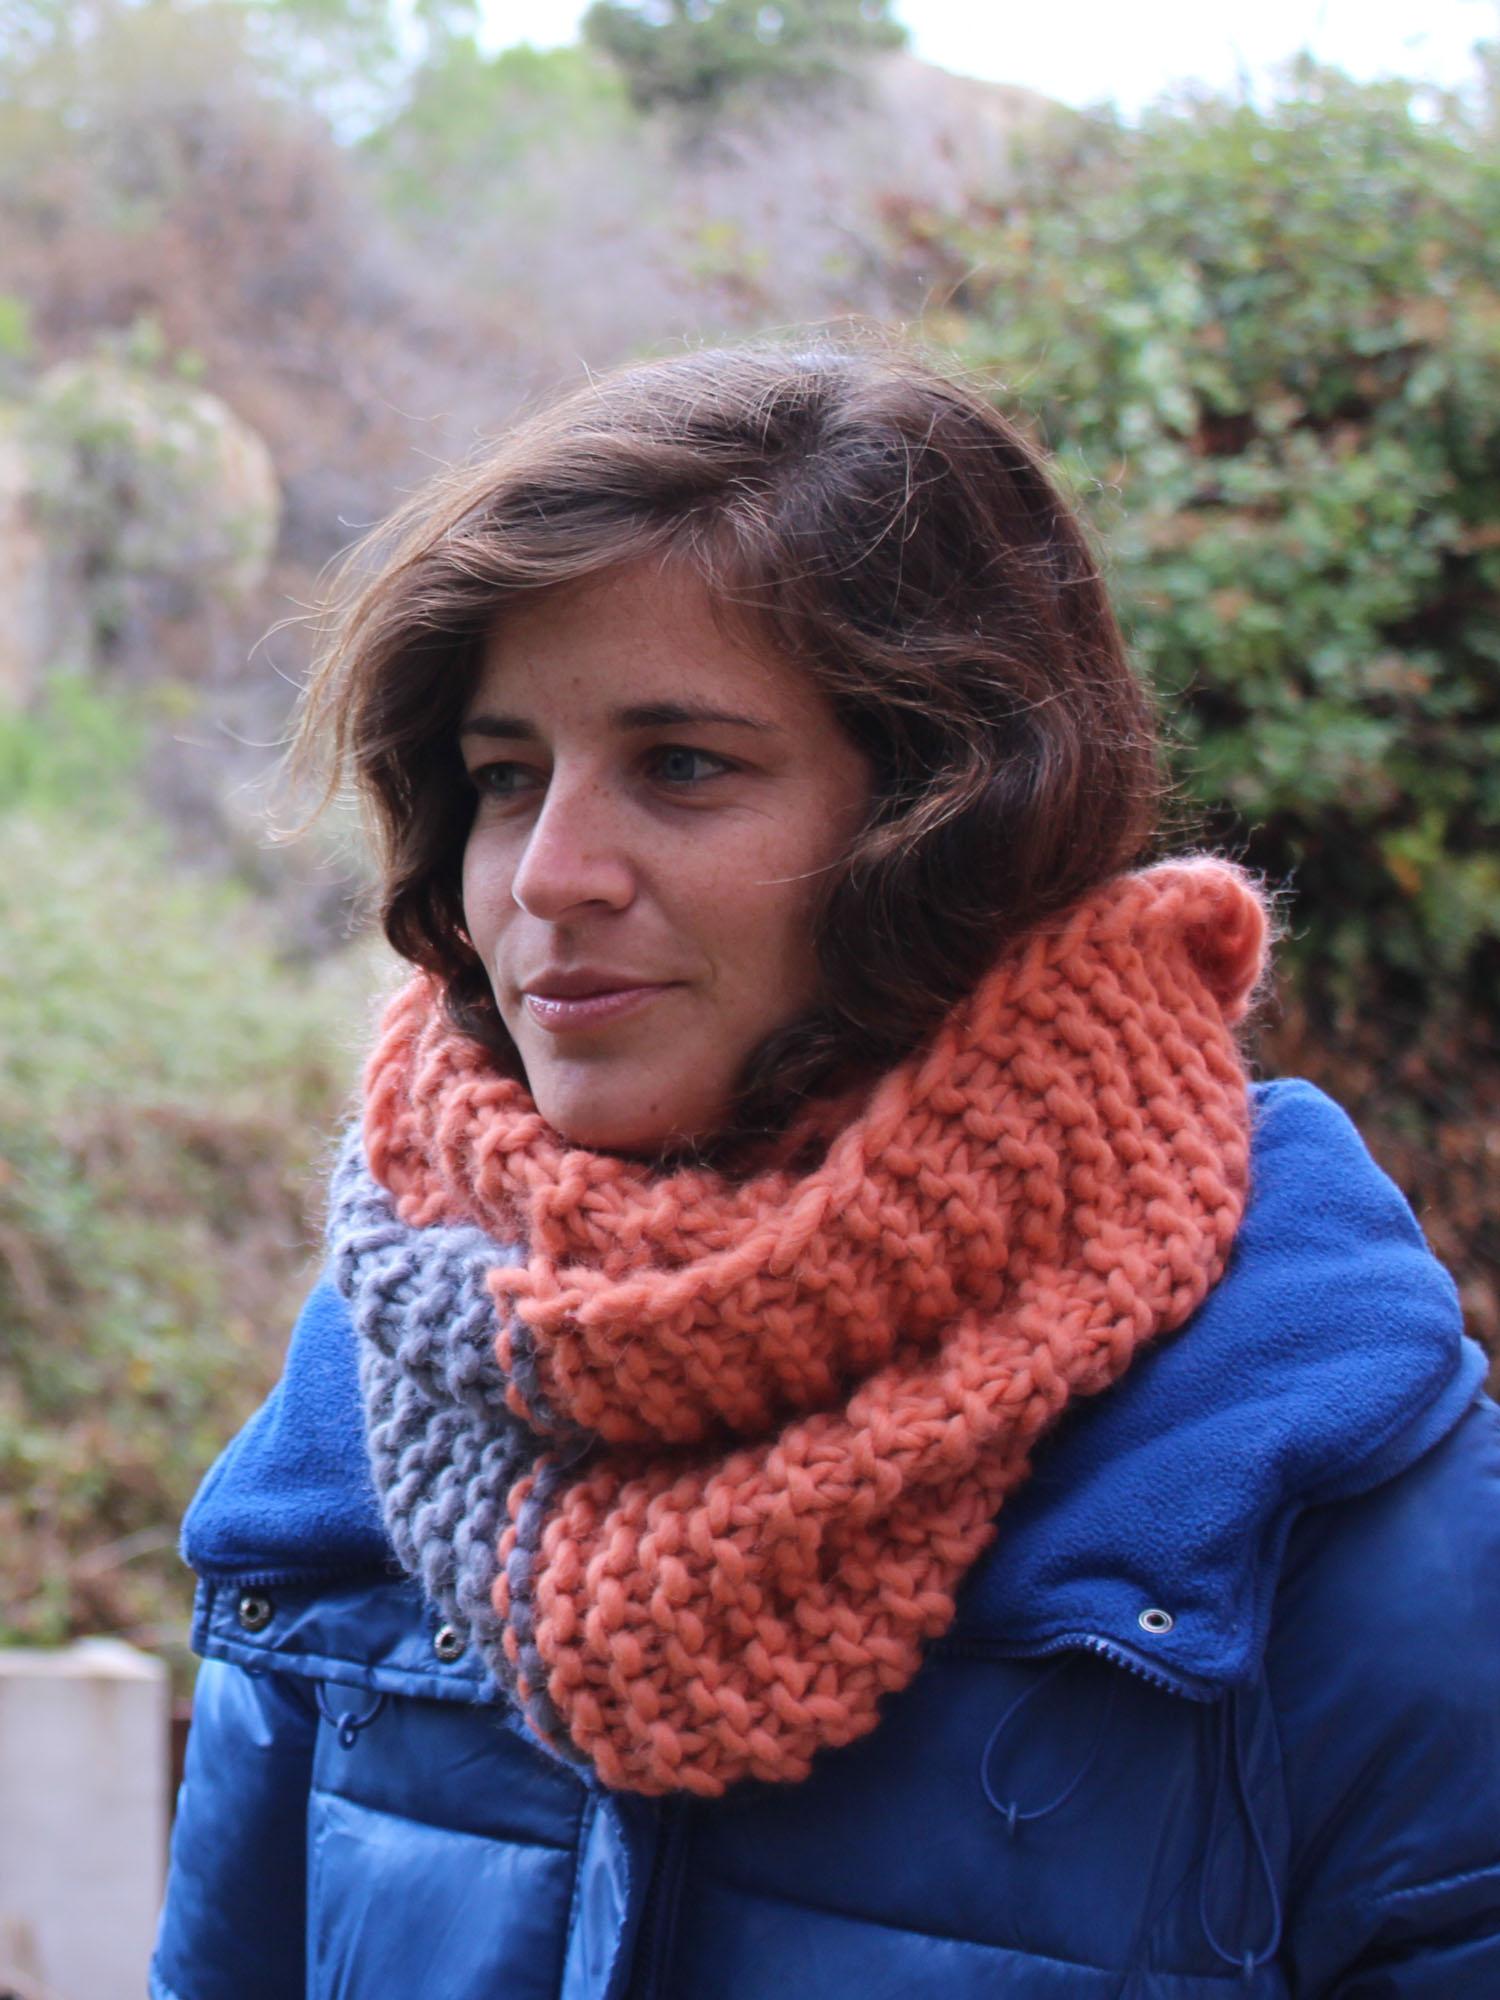 Patrones de katia love wool y descuento - Lana gruesa para tejer ...